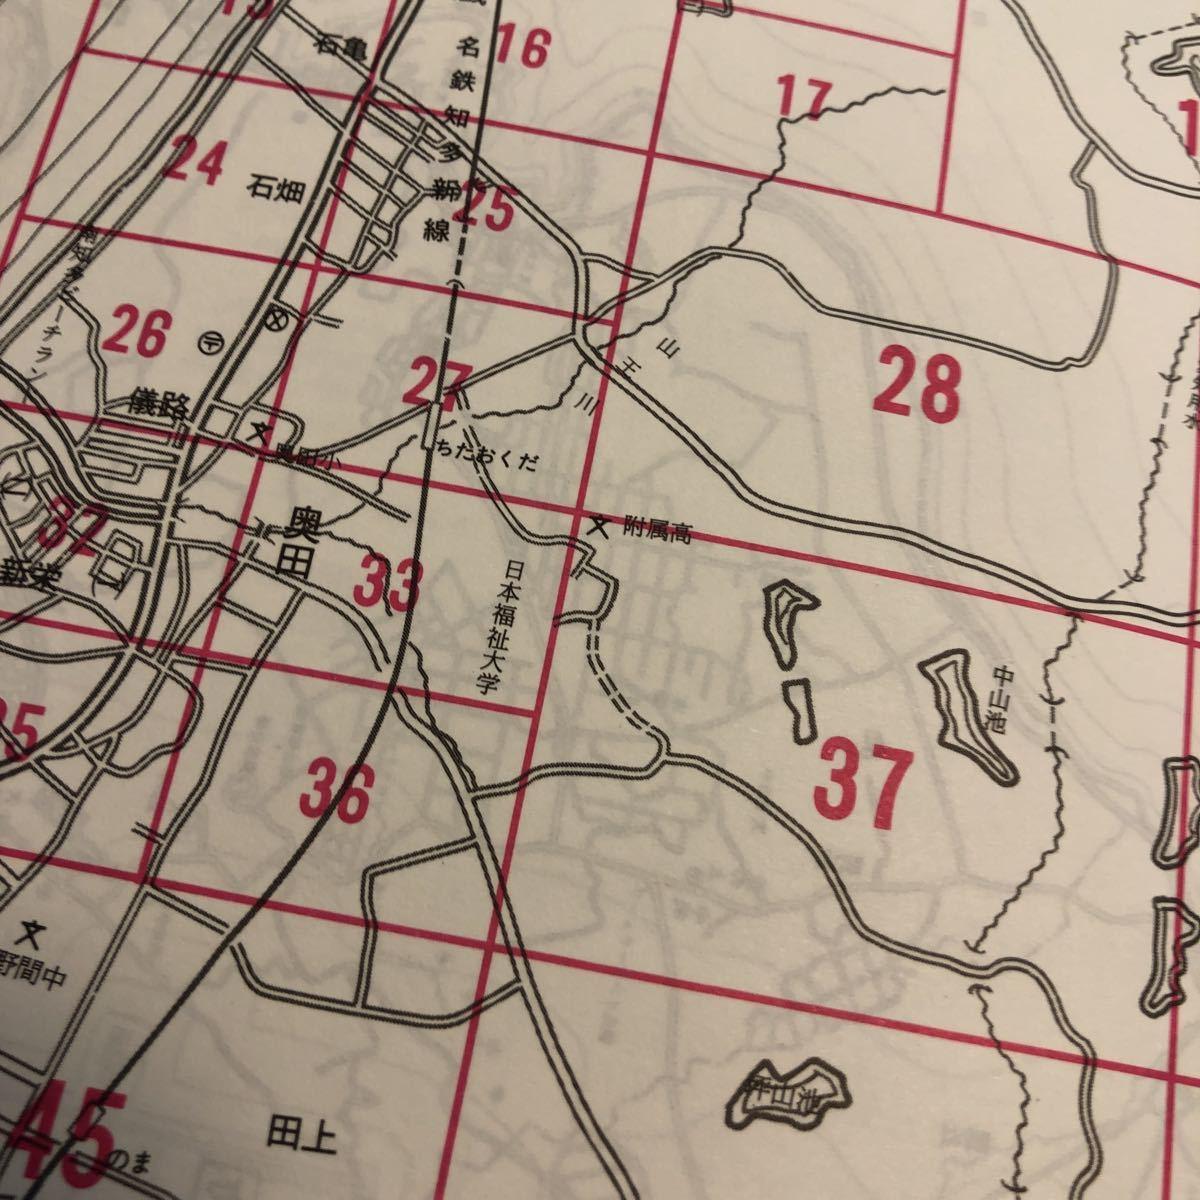 '94�N 1�� ���m���m���S���l�� ���[�������Z��n�}�� �Òn�} ��c39cm ��28cm ���É��S�� �m���� ���ԉw ���l�Ή��w�Ȃ� �r����̖��O Image5